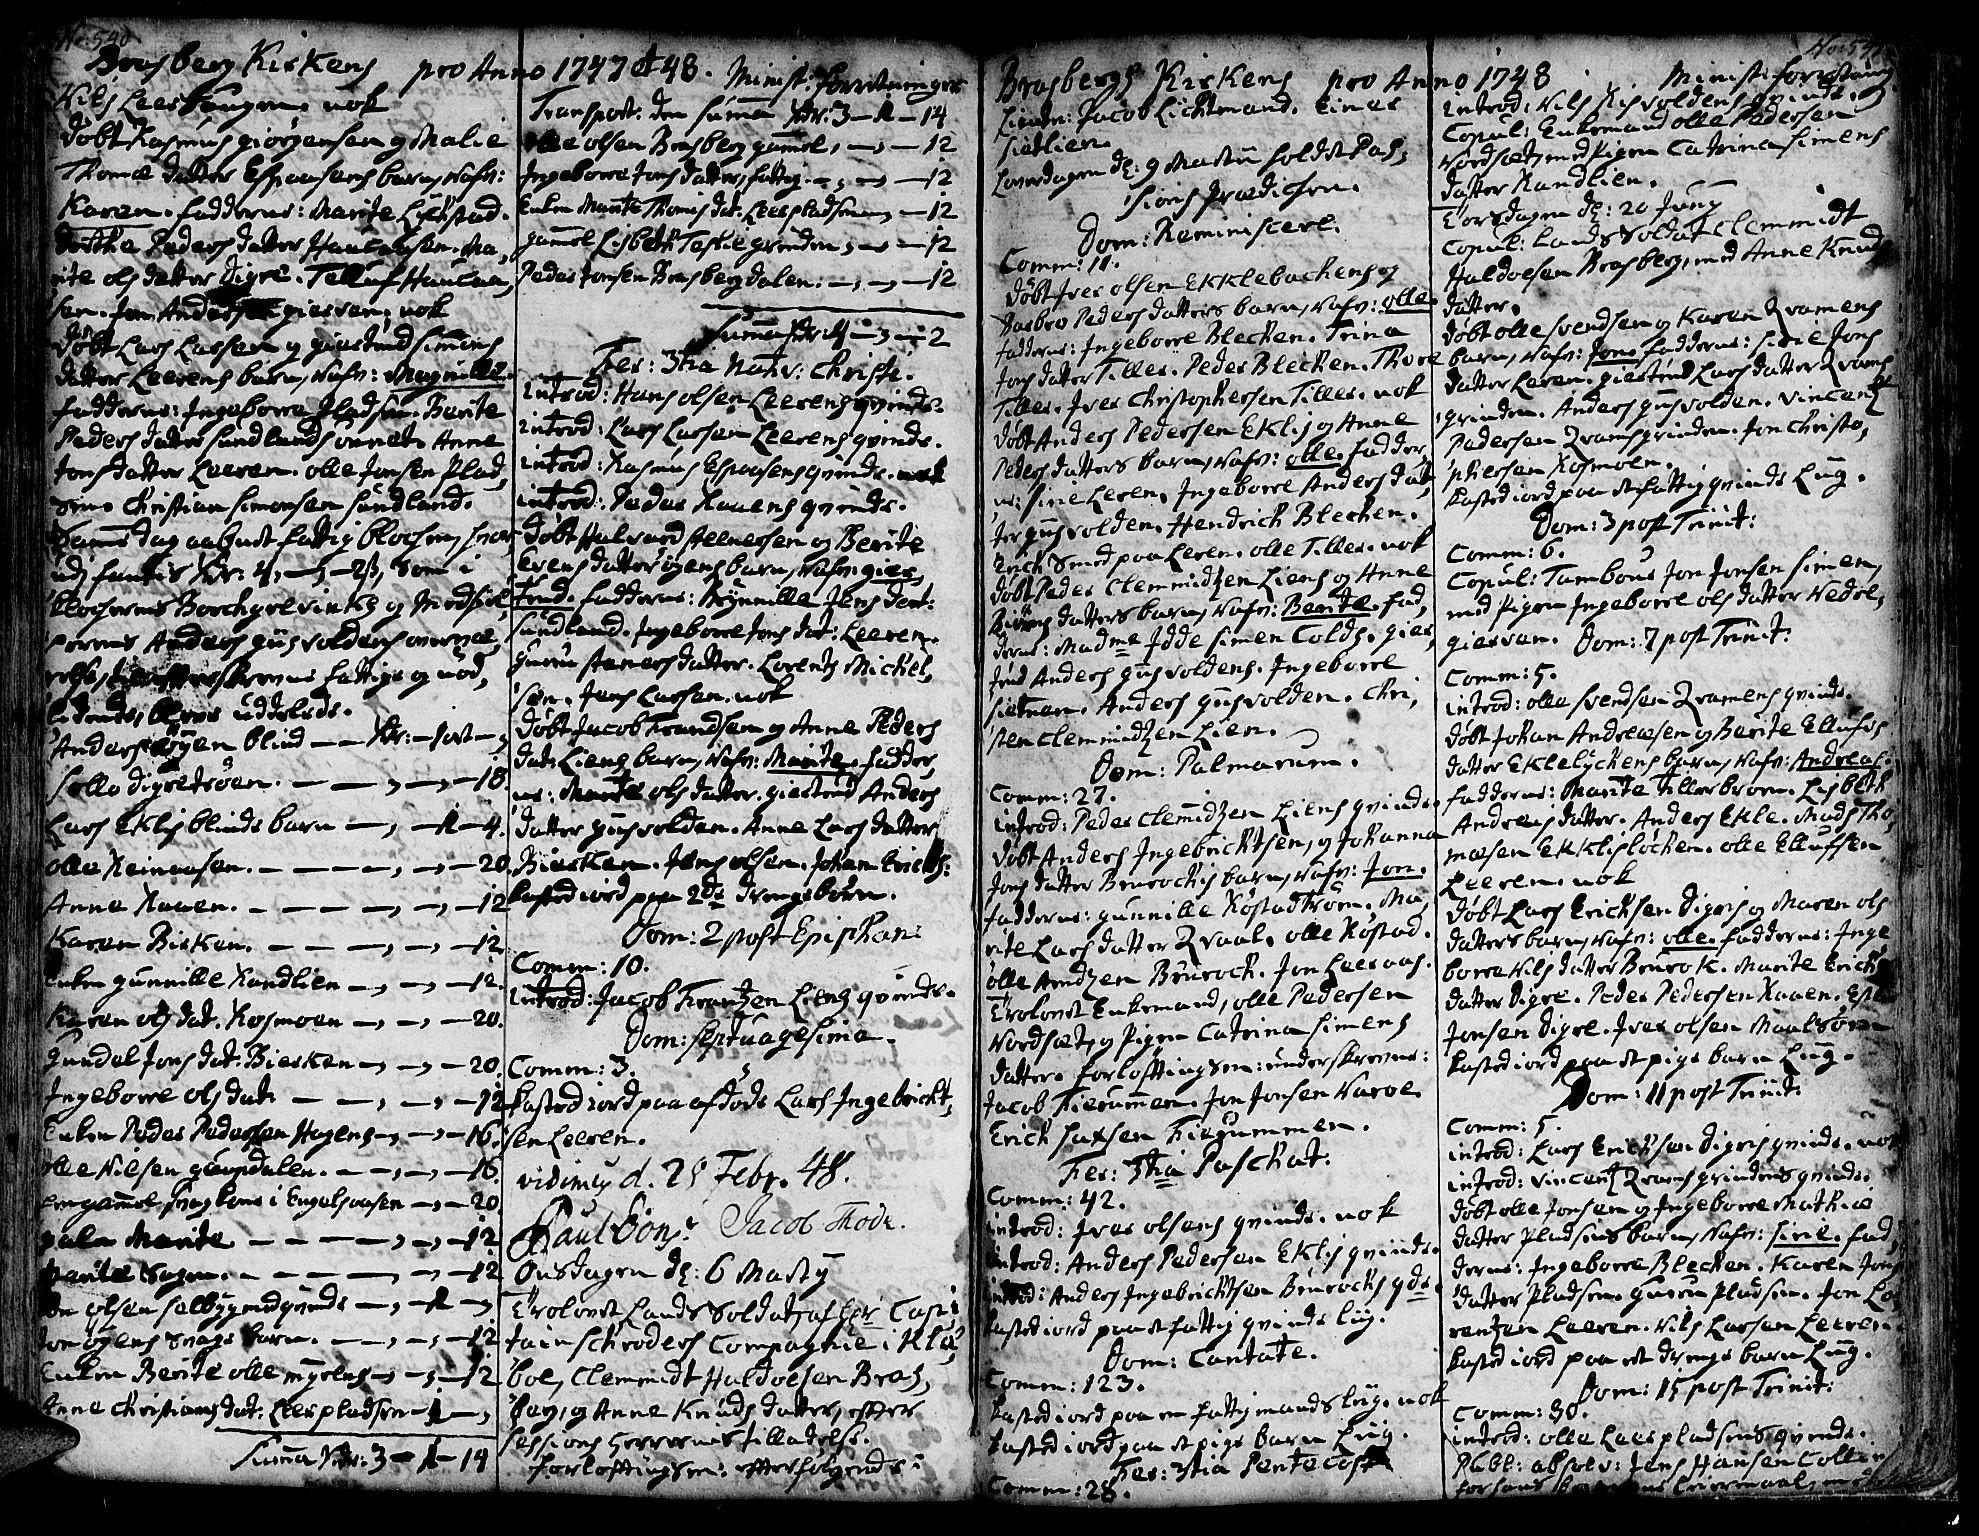 SAT, Ministerialprotokoller, klokkerbøker og fødselsregistre - Sør-Trøndelag, 606/L0278: Ministerialbok nr. 606A01 /4, 1727-1780, s. 540-541